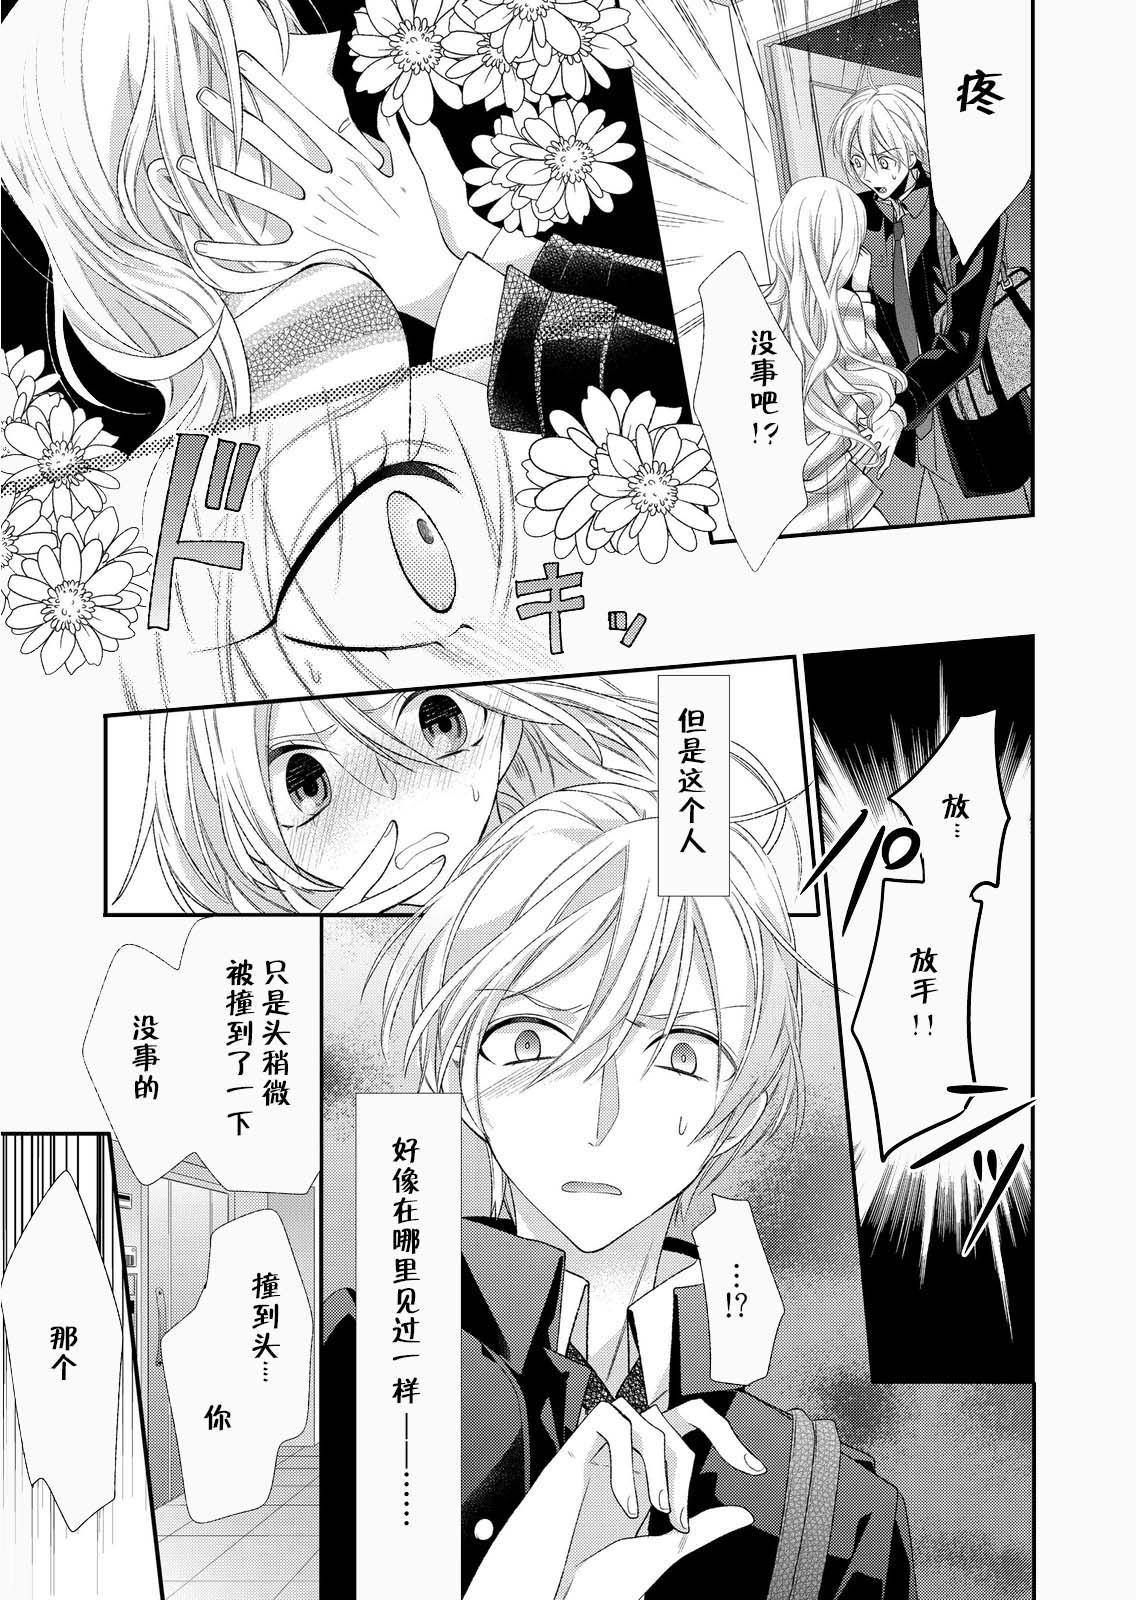 Kioku Sousitsu!? Watashi no Kareshi ha Docchi? Karada de Tameshite・・・ | 失忆!?我的男朋友到底是谁?用身体来确认…Ch. 1-2 32